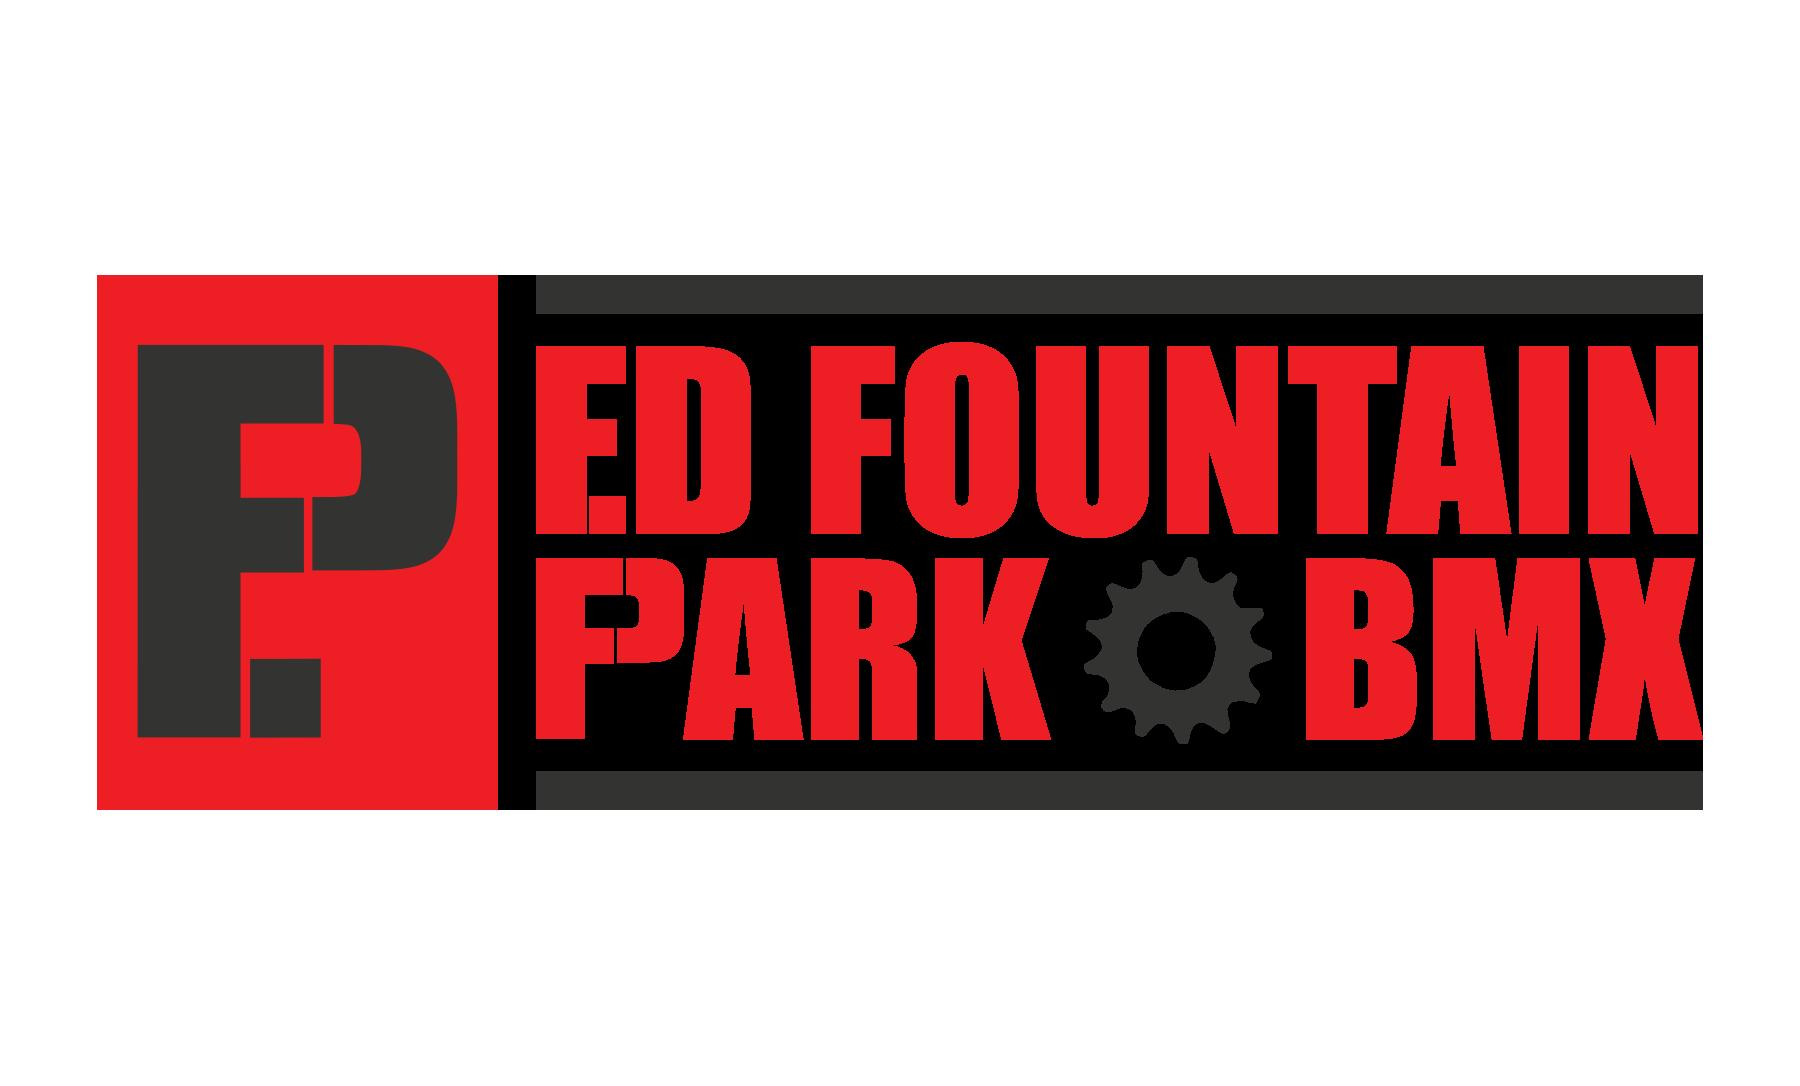 Ed Fountain Park